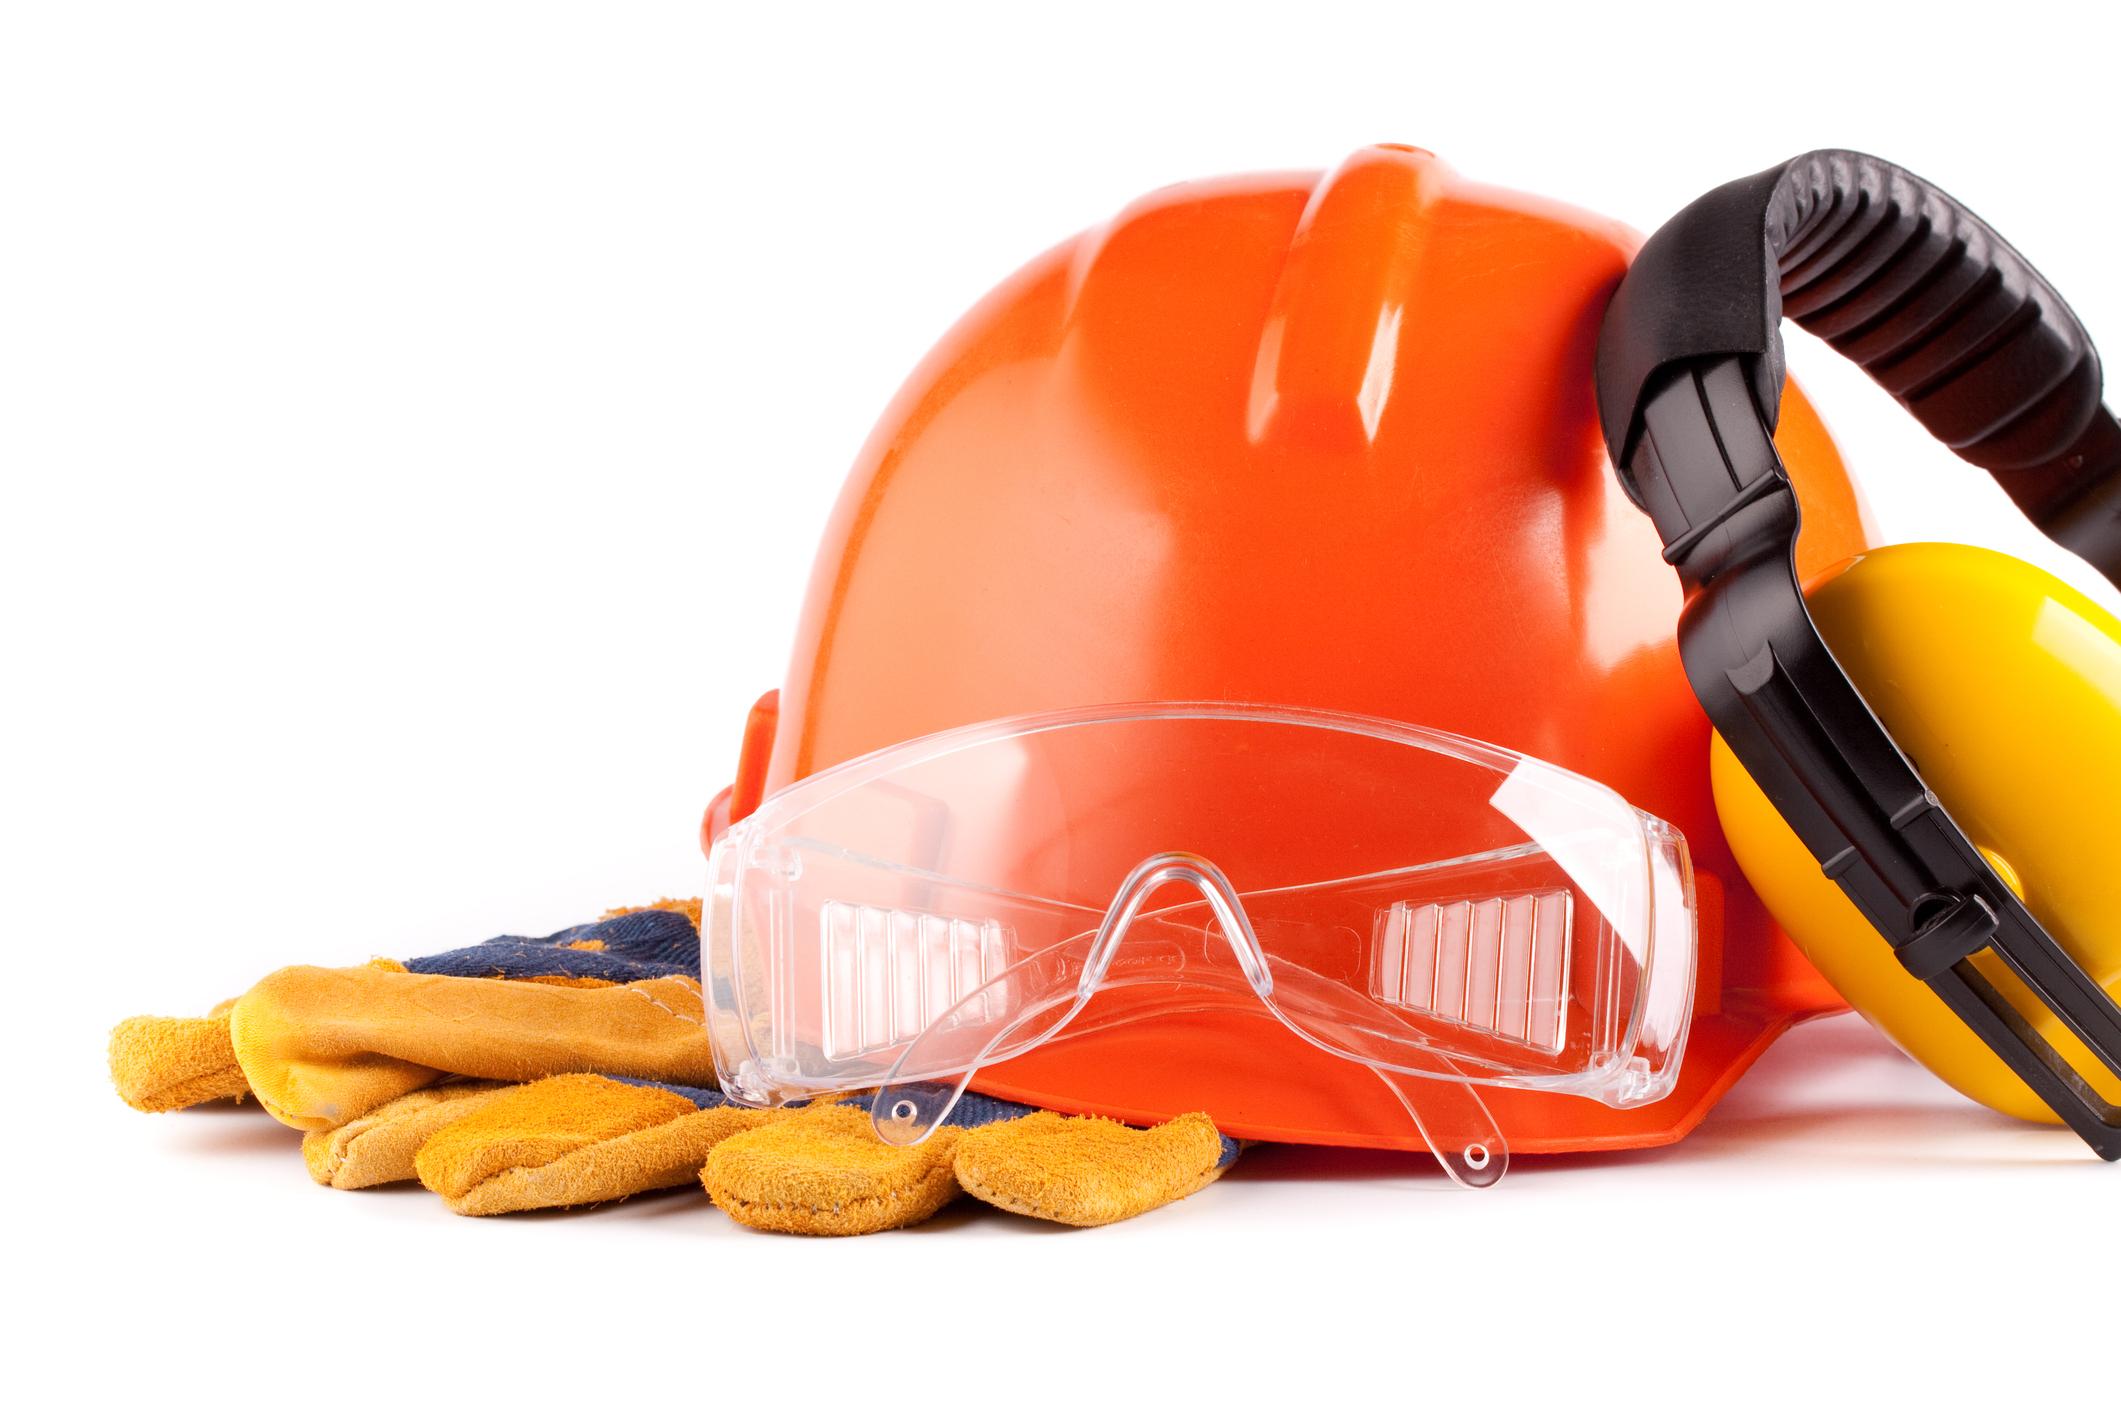 Jugendarbeitsschutz: Unterweisung für Auszubildende